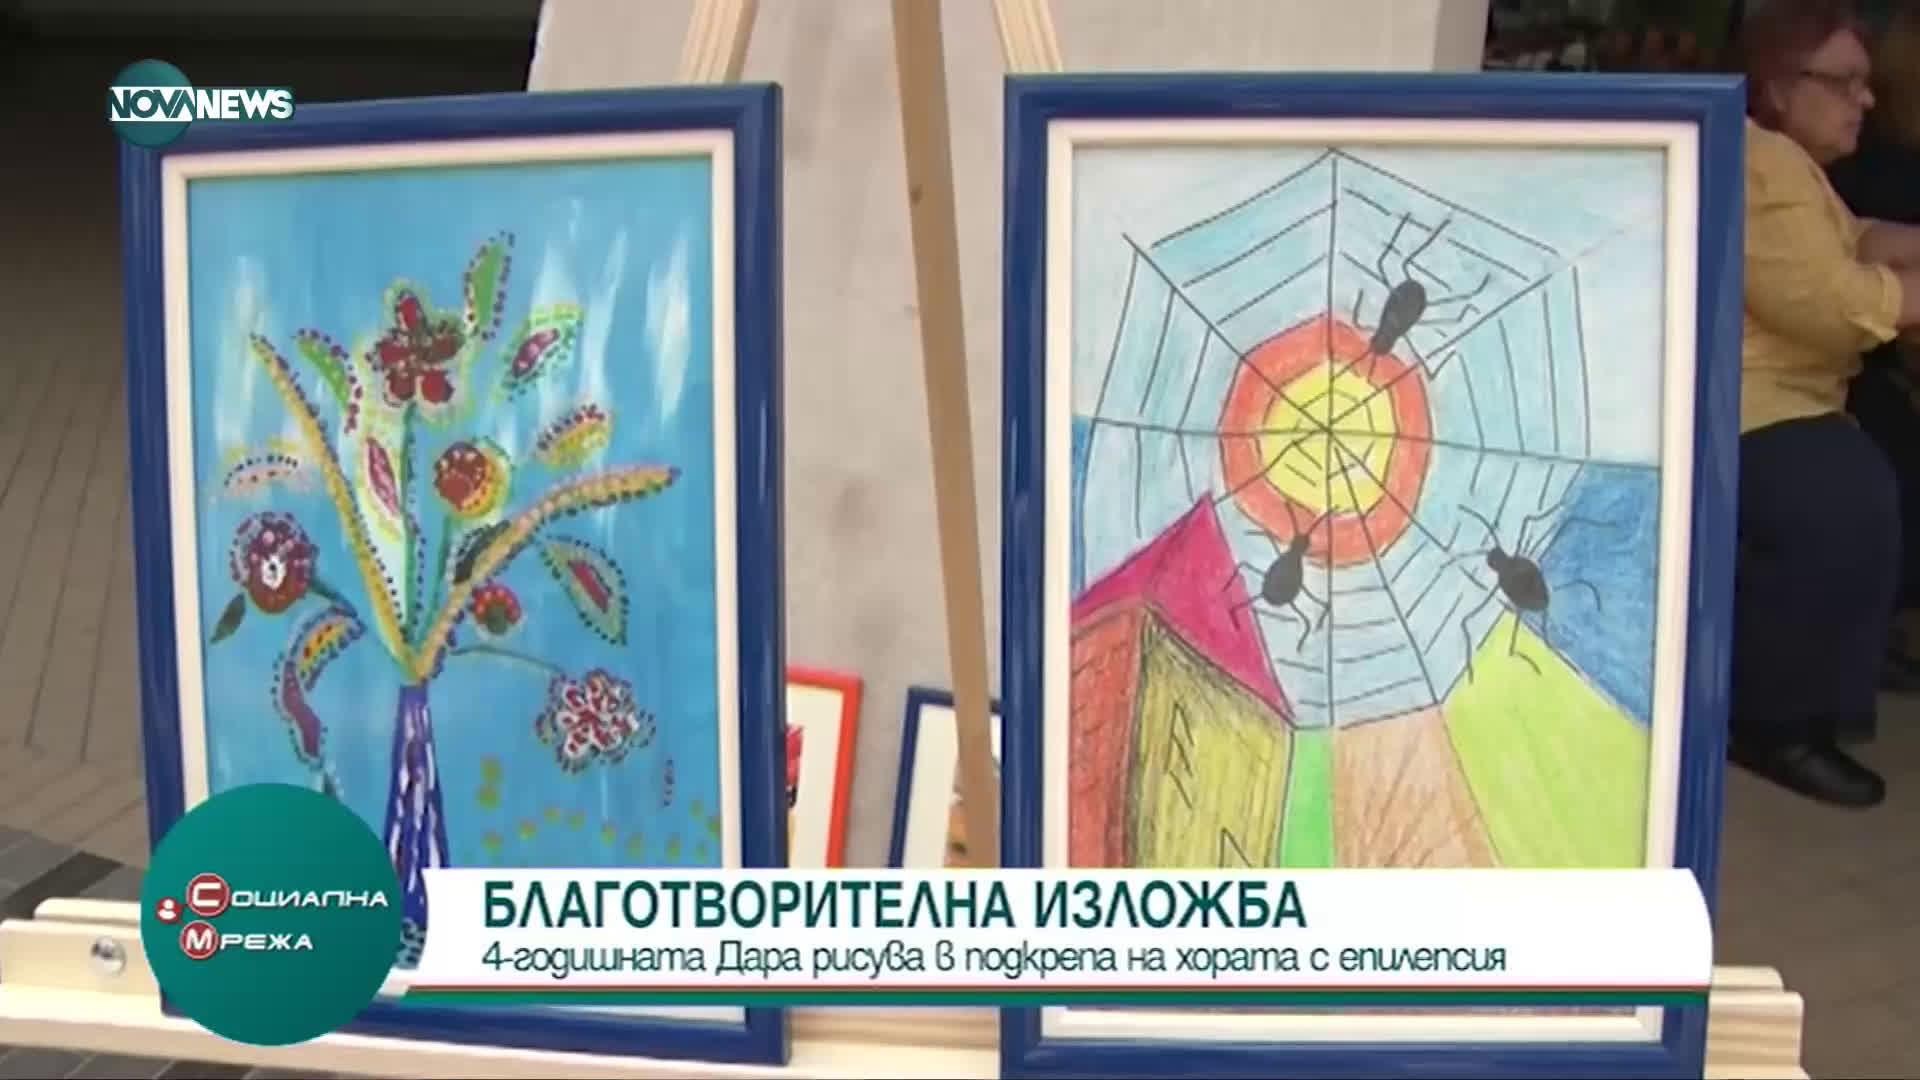 Четиригодишна художничка с благотворителна изложба